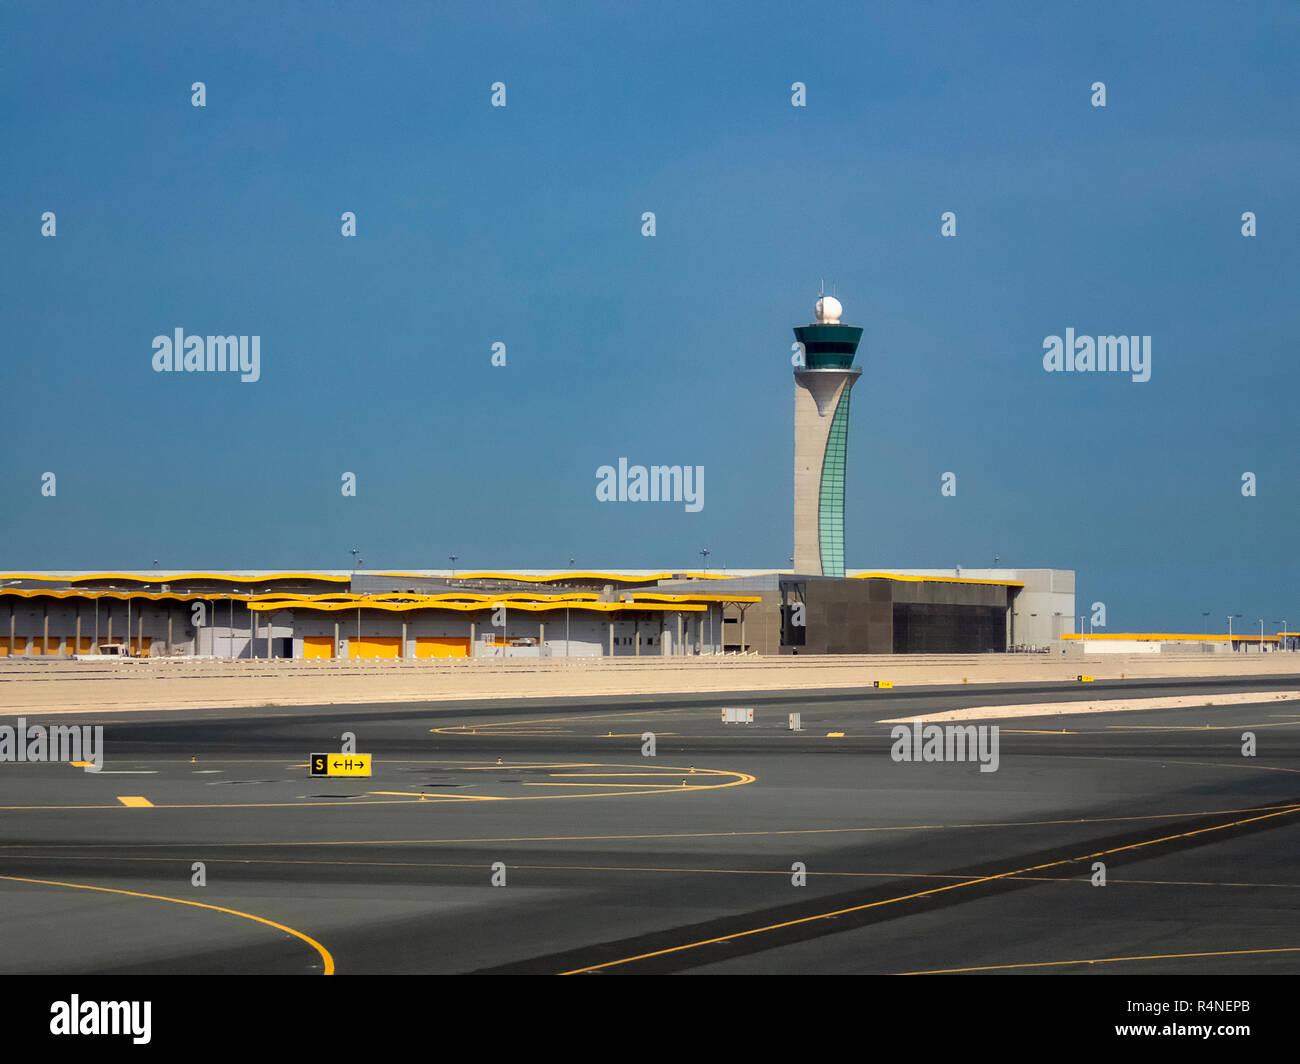 La tour de contrôle de l'Aéroport International de Doha au Qatar Banque D'Images